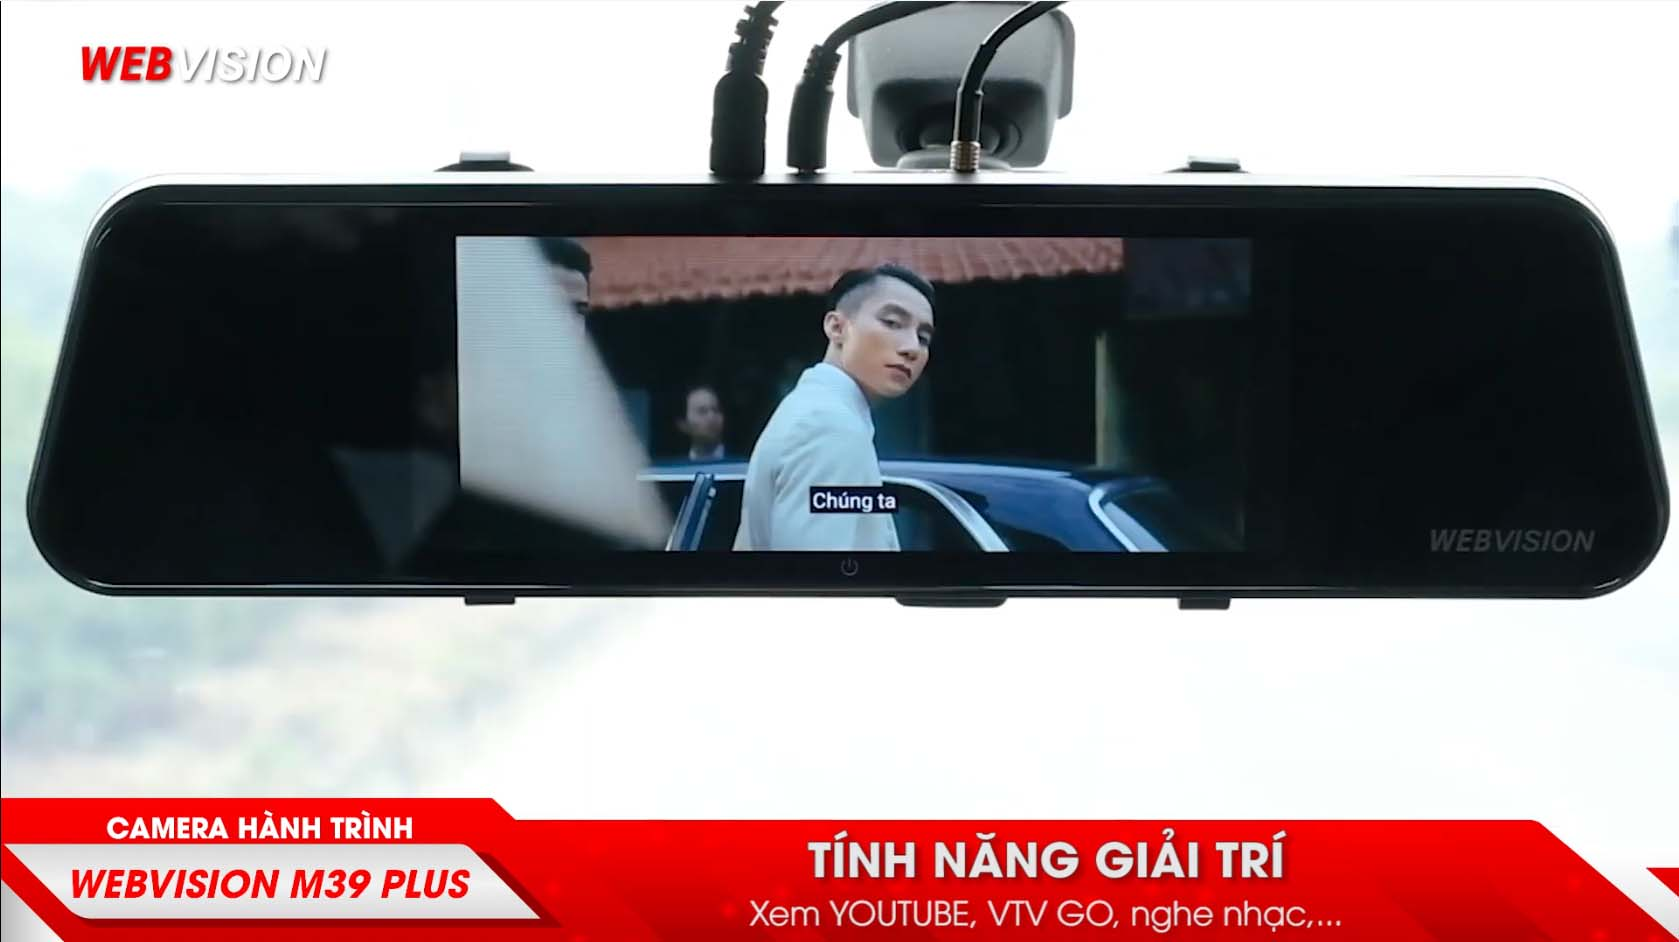 mua camera hành trình webvision chính hãng tại thành nam gps